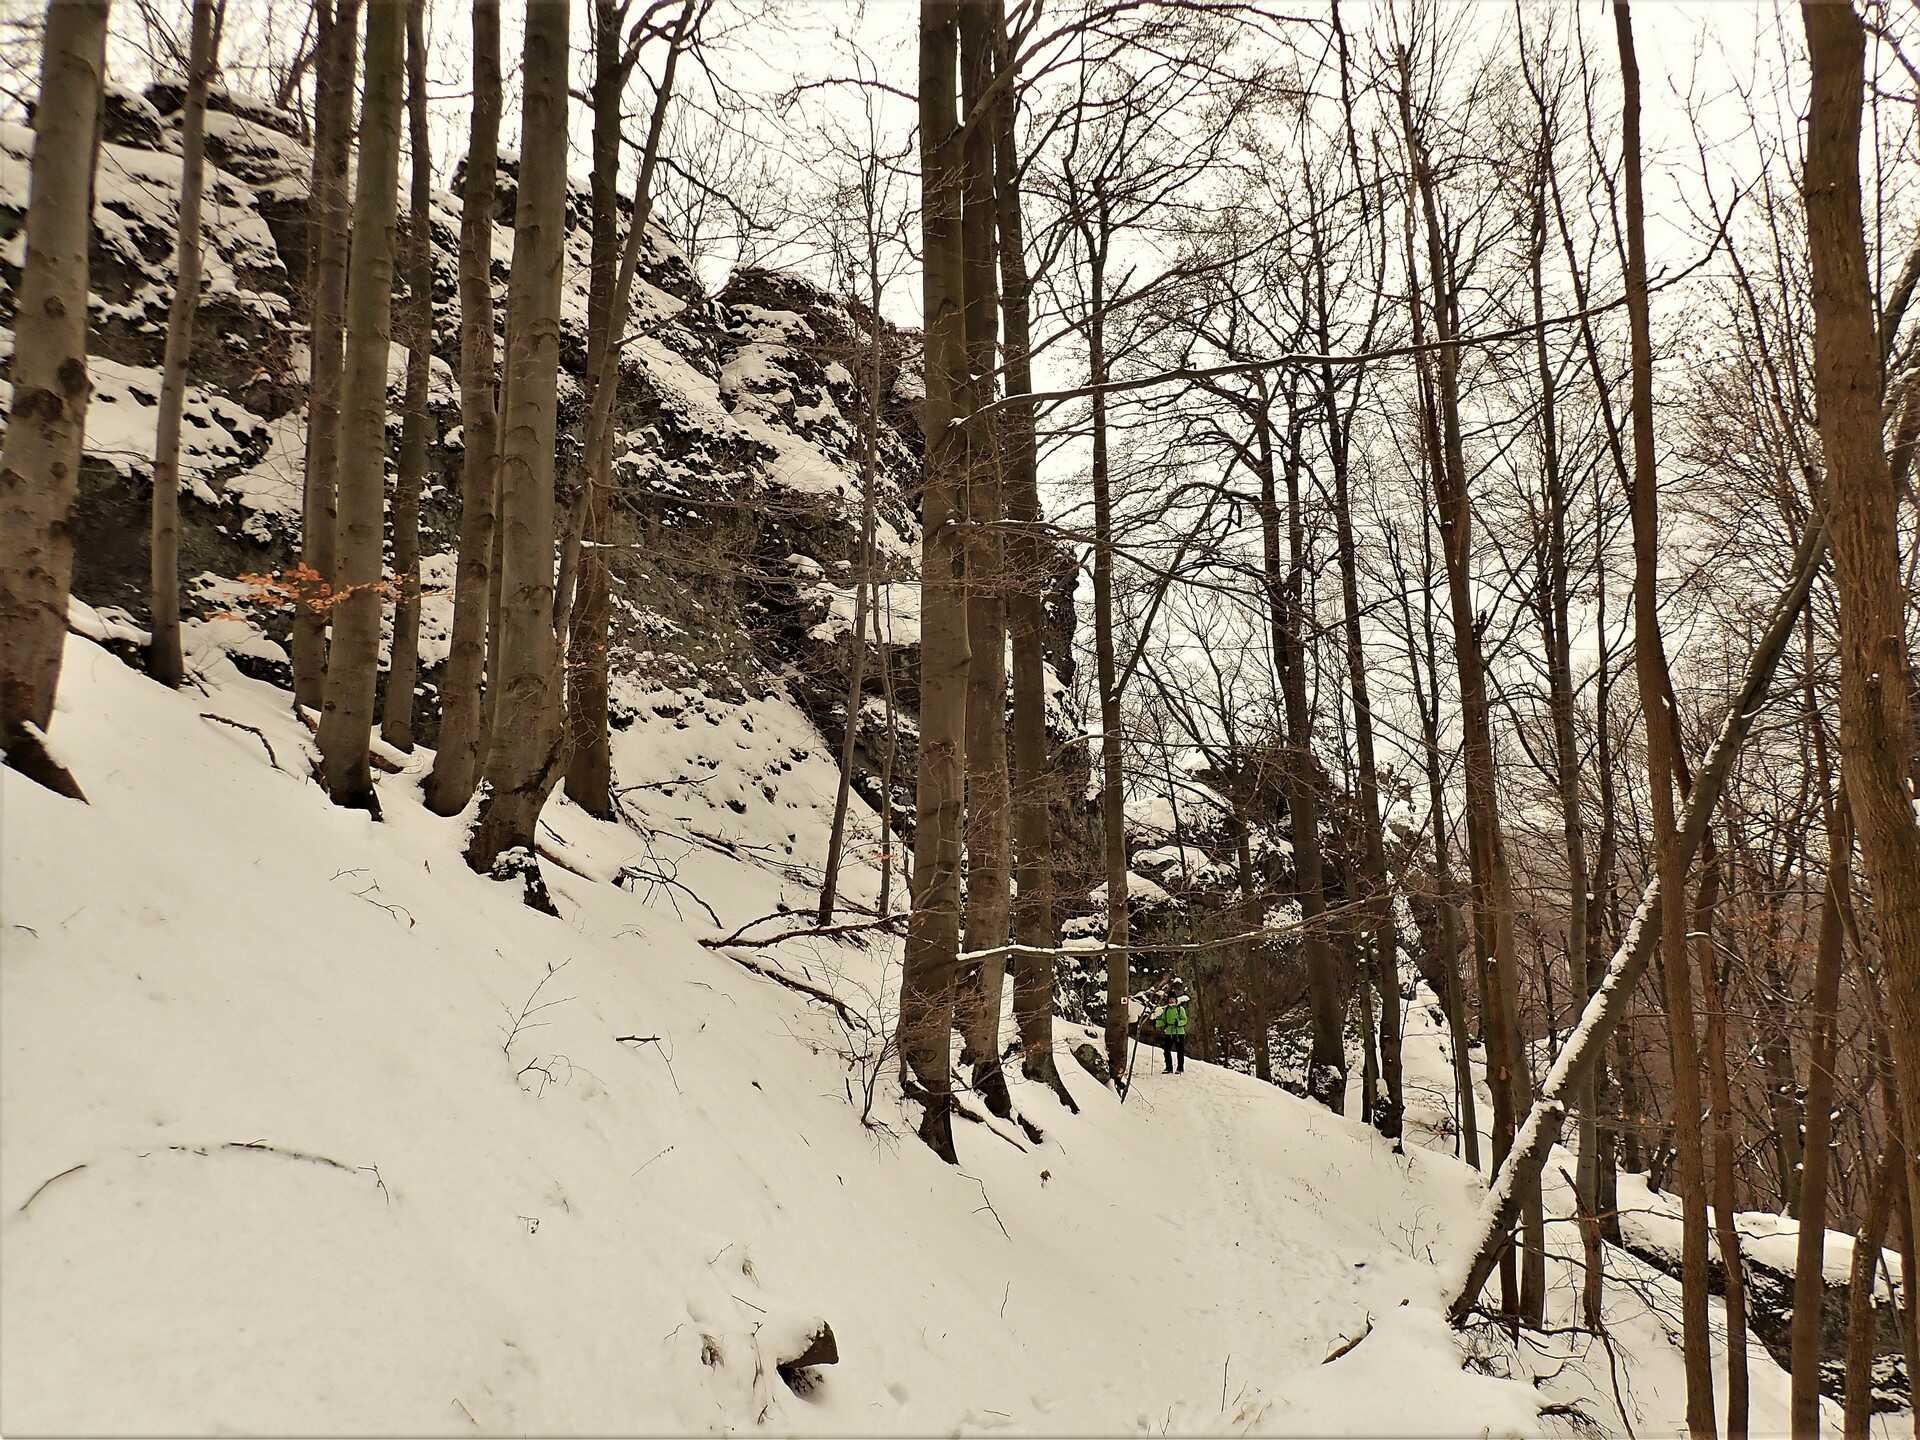 Kaldera kalandok, túra látványos sziklaformációk között-3